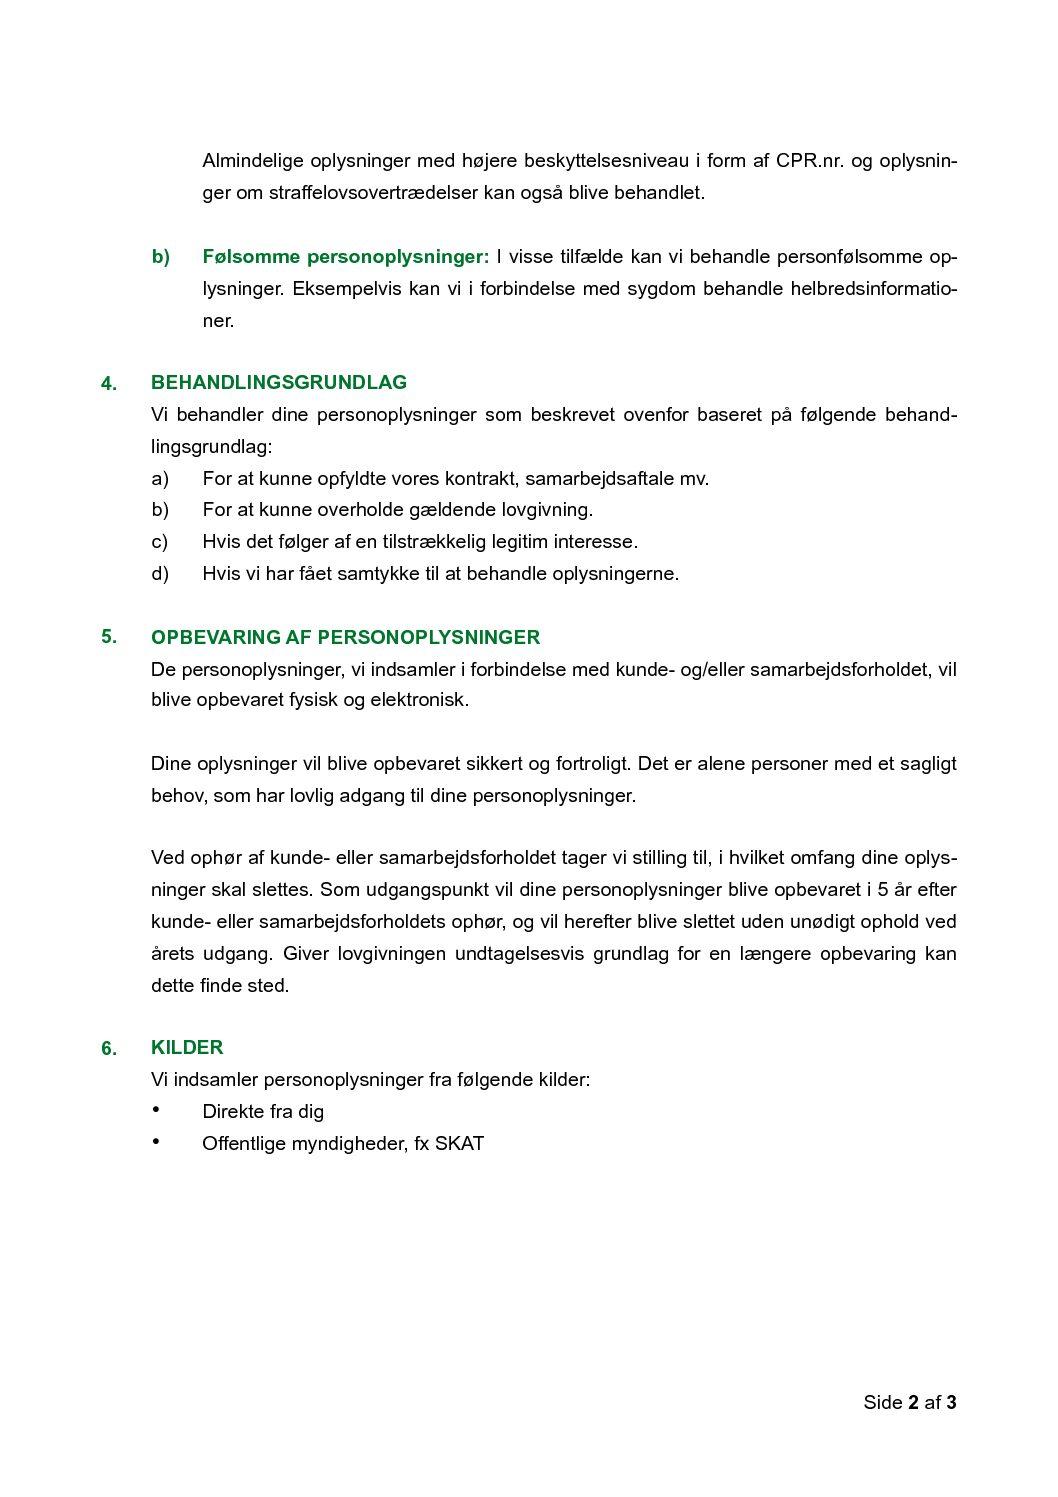 05 Privatlivspolitik, kunder s. 2